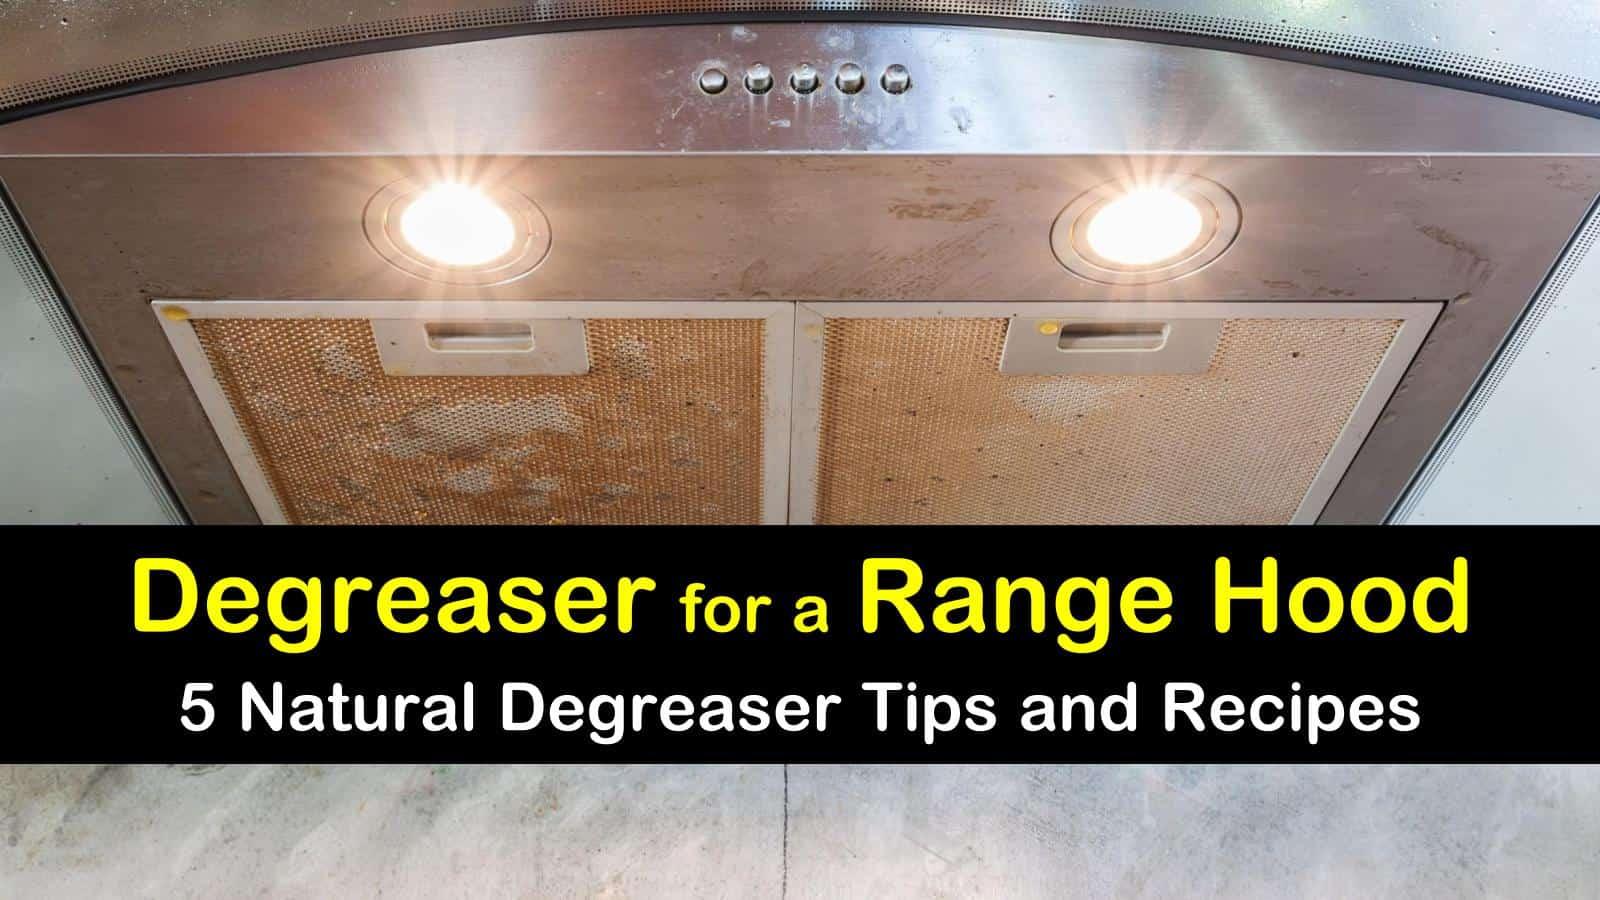 degreaser for a range hood titleimg1